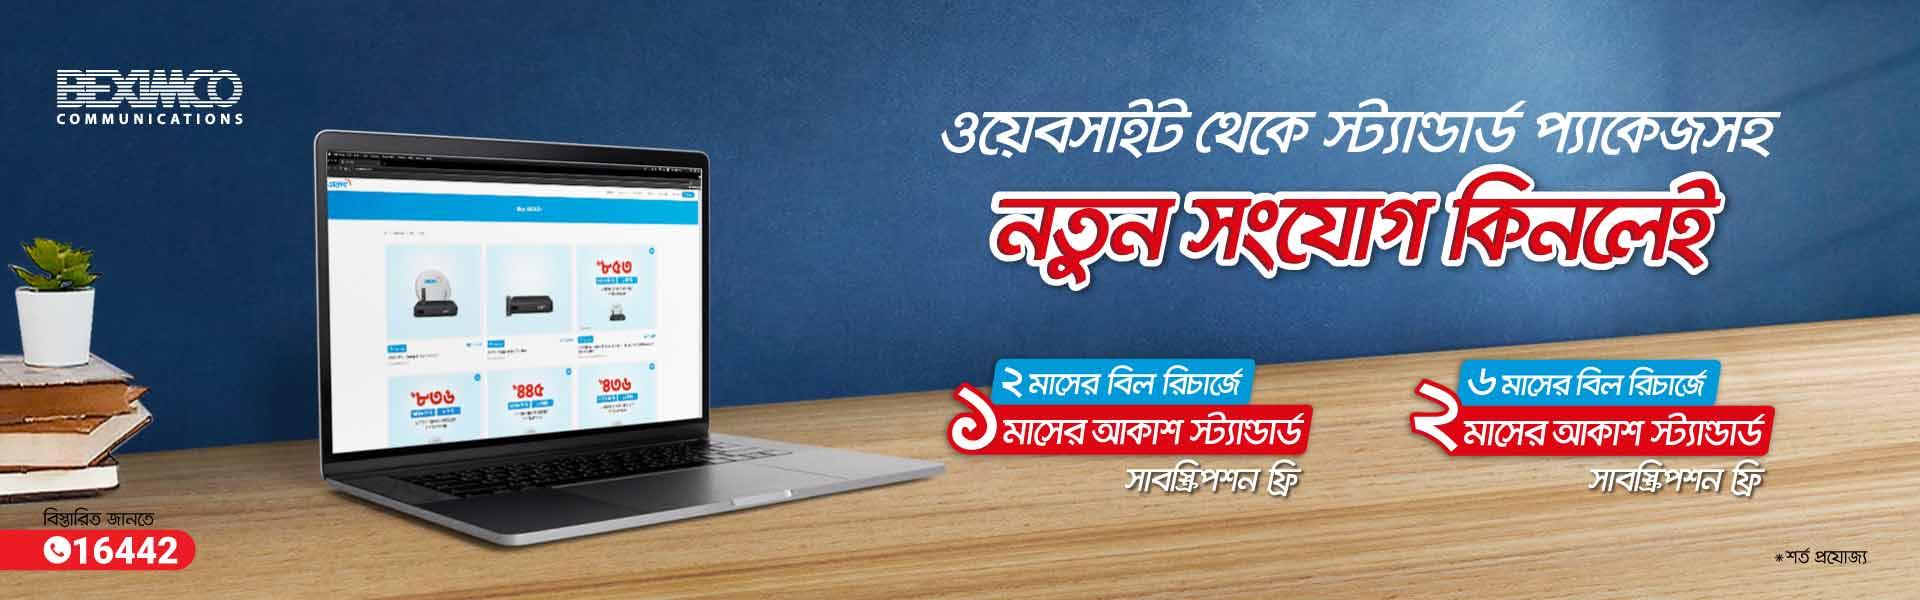 Online Sales Campaign